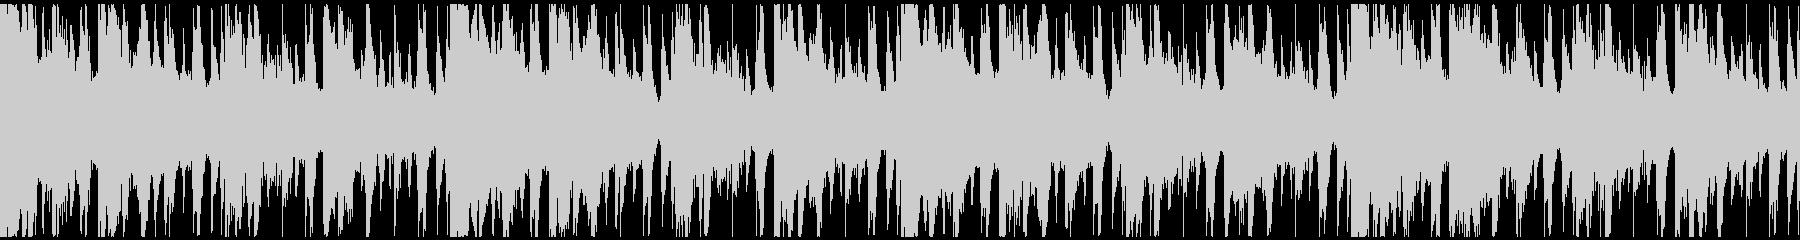 コード進行のエレクトロニカBGMループの未再生の波形